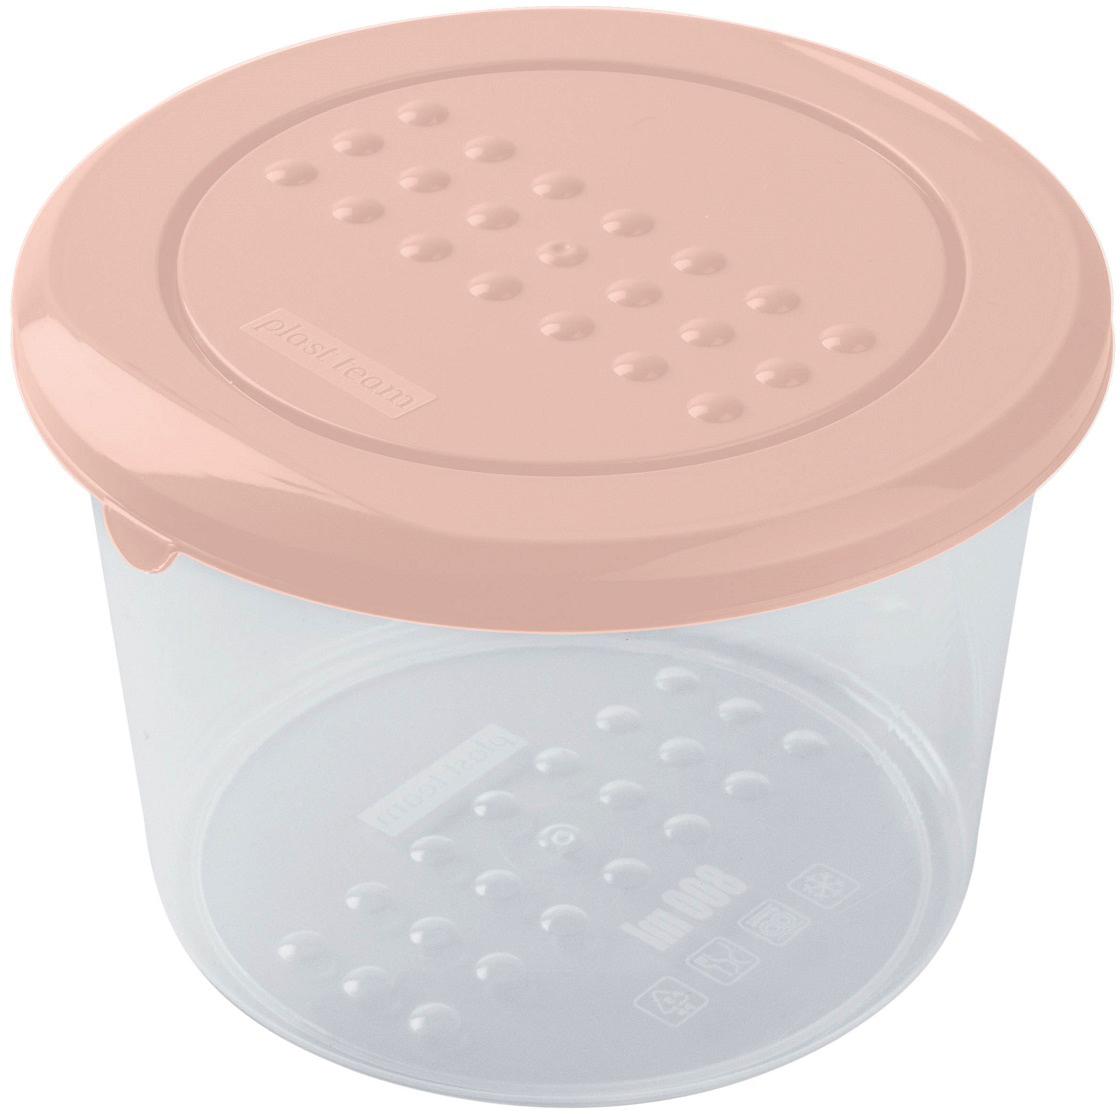 Контейнер пищевой Plast Team Pattern, цвет: пудровый, круглый, 0,8 л емкость для заморозки и свч curver fresh